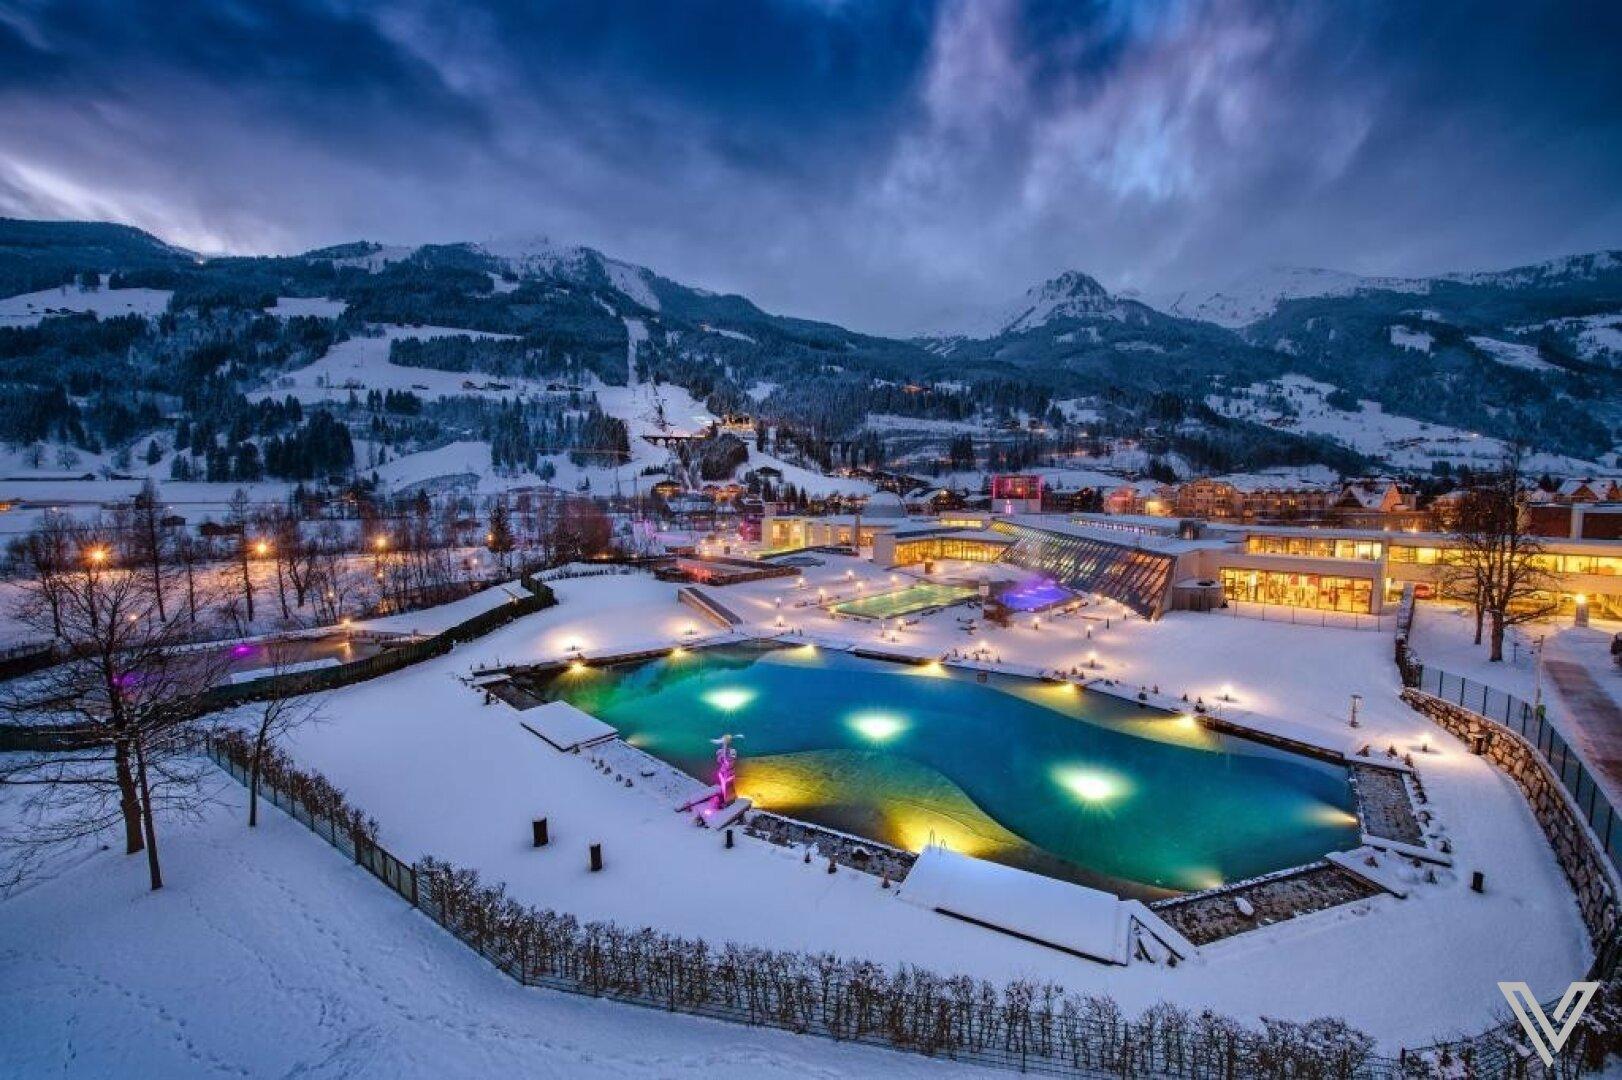 Alpentherme Daemmerung WI2018